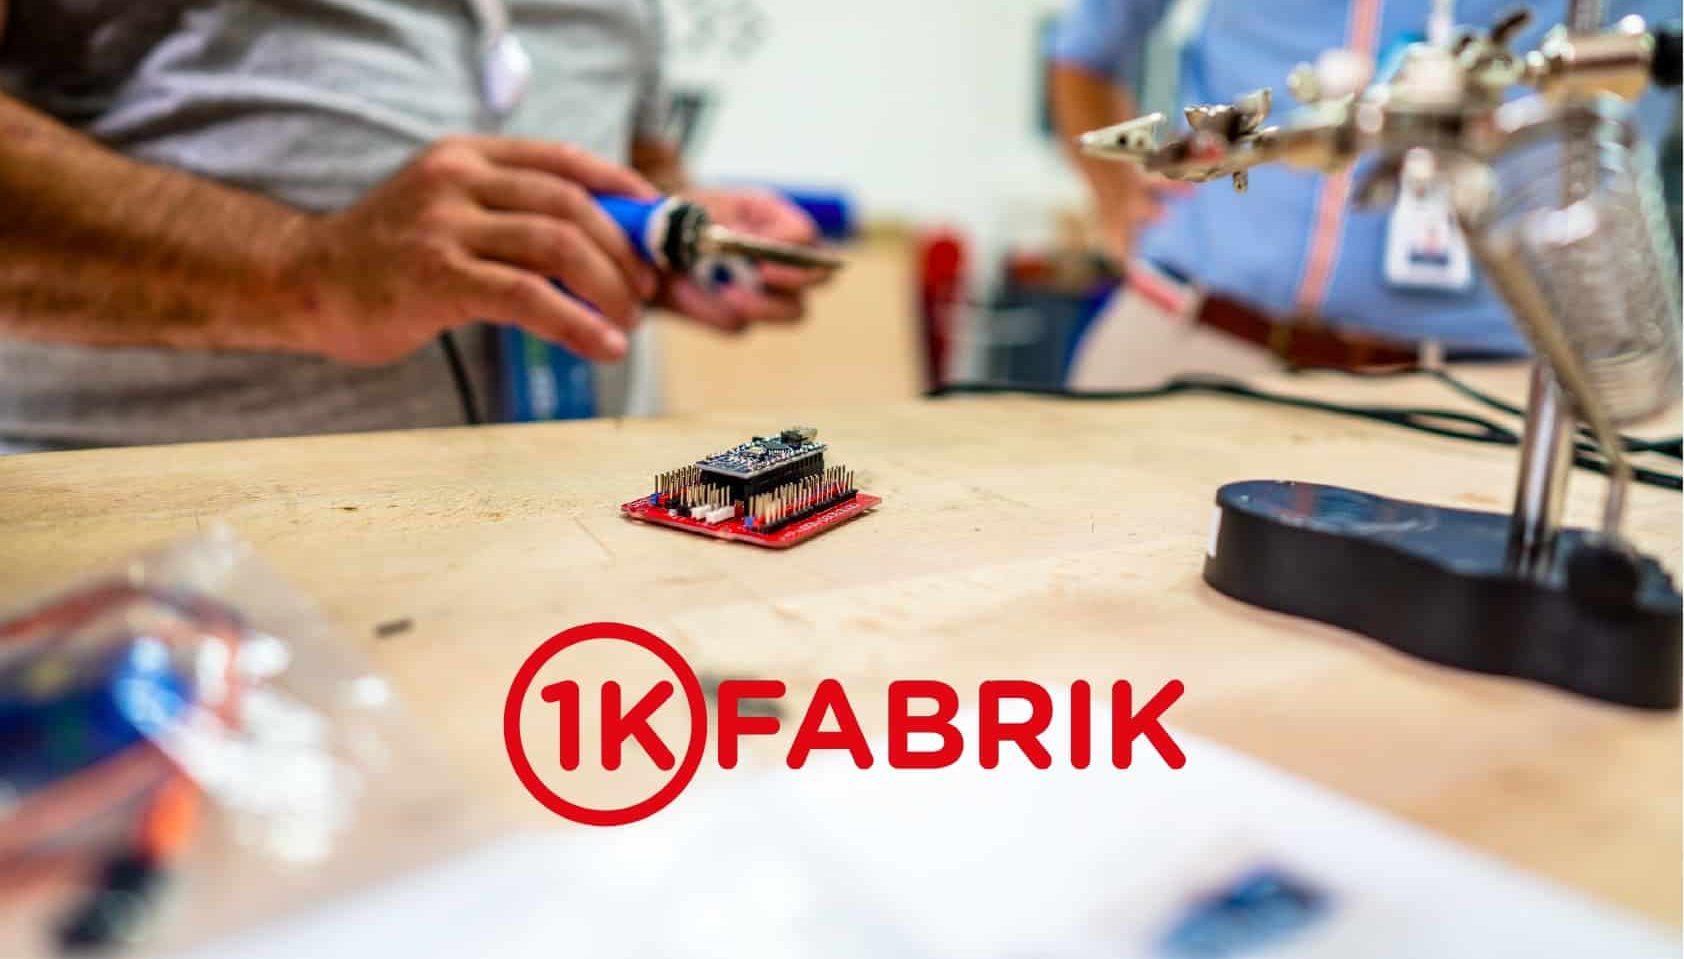 Startup hardware Lyon